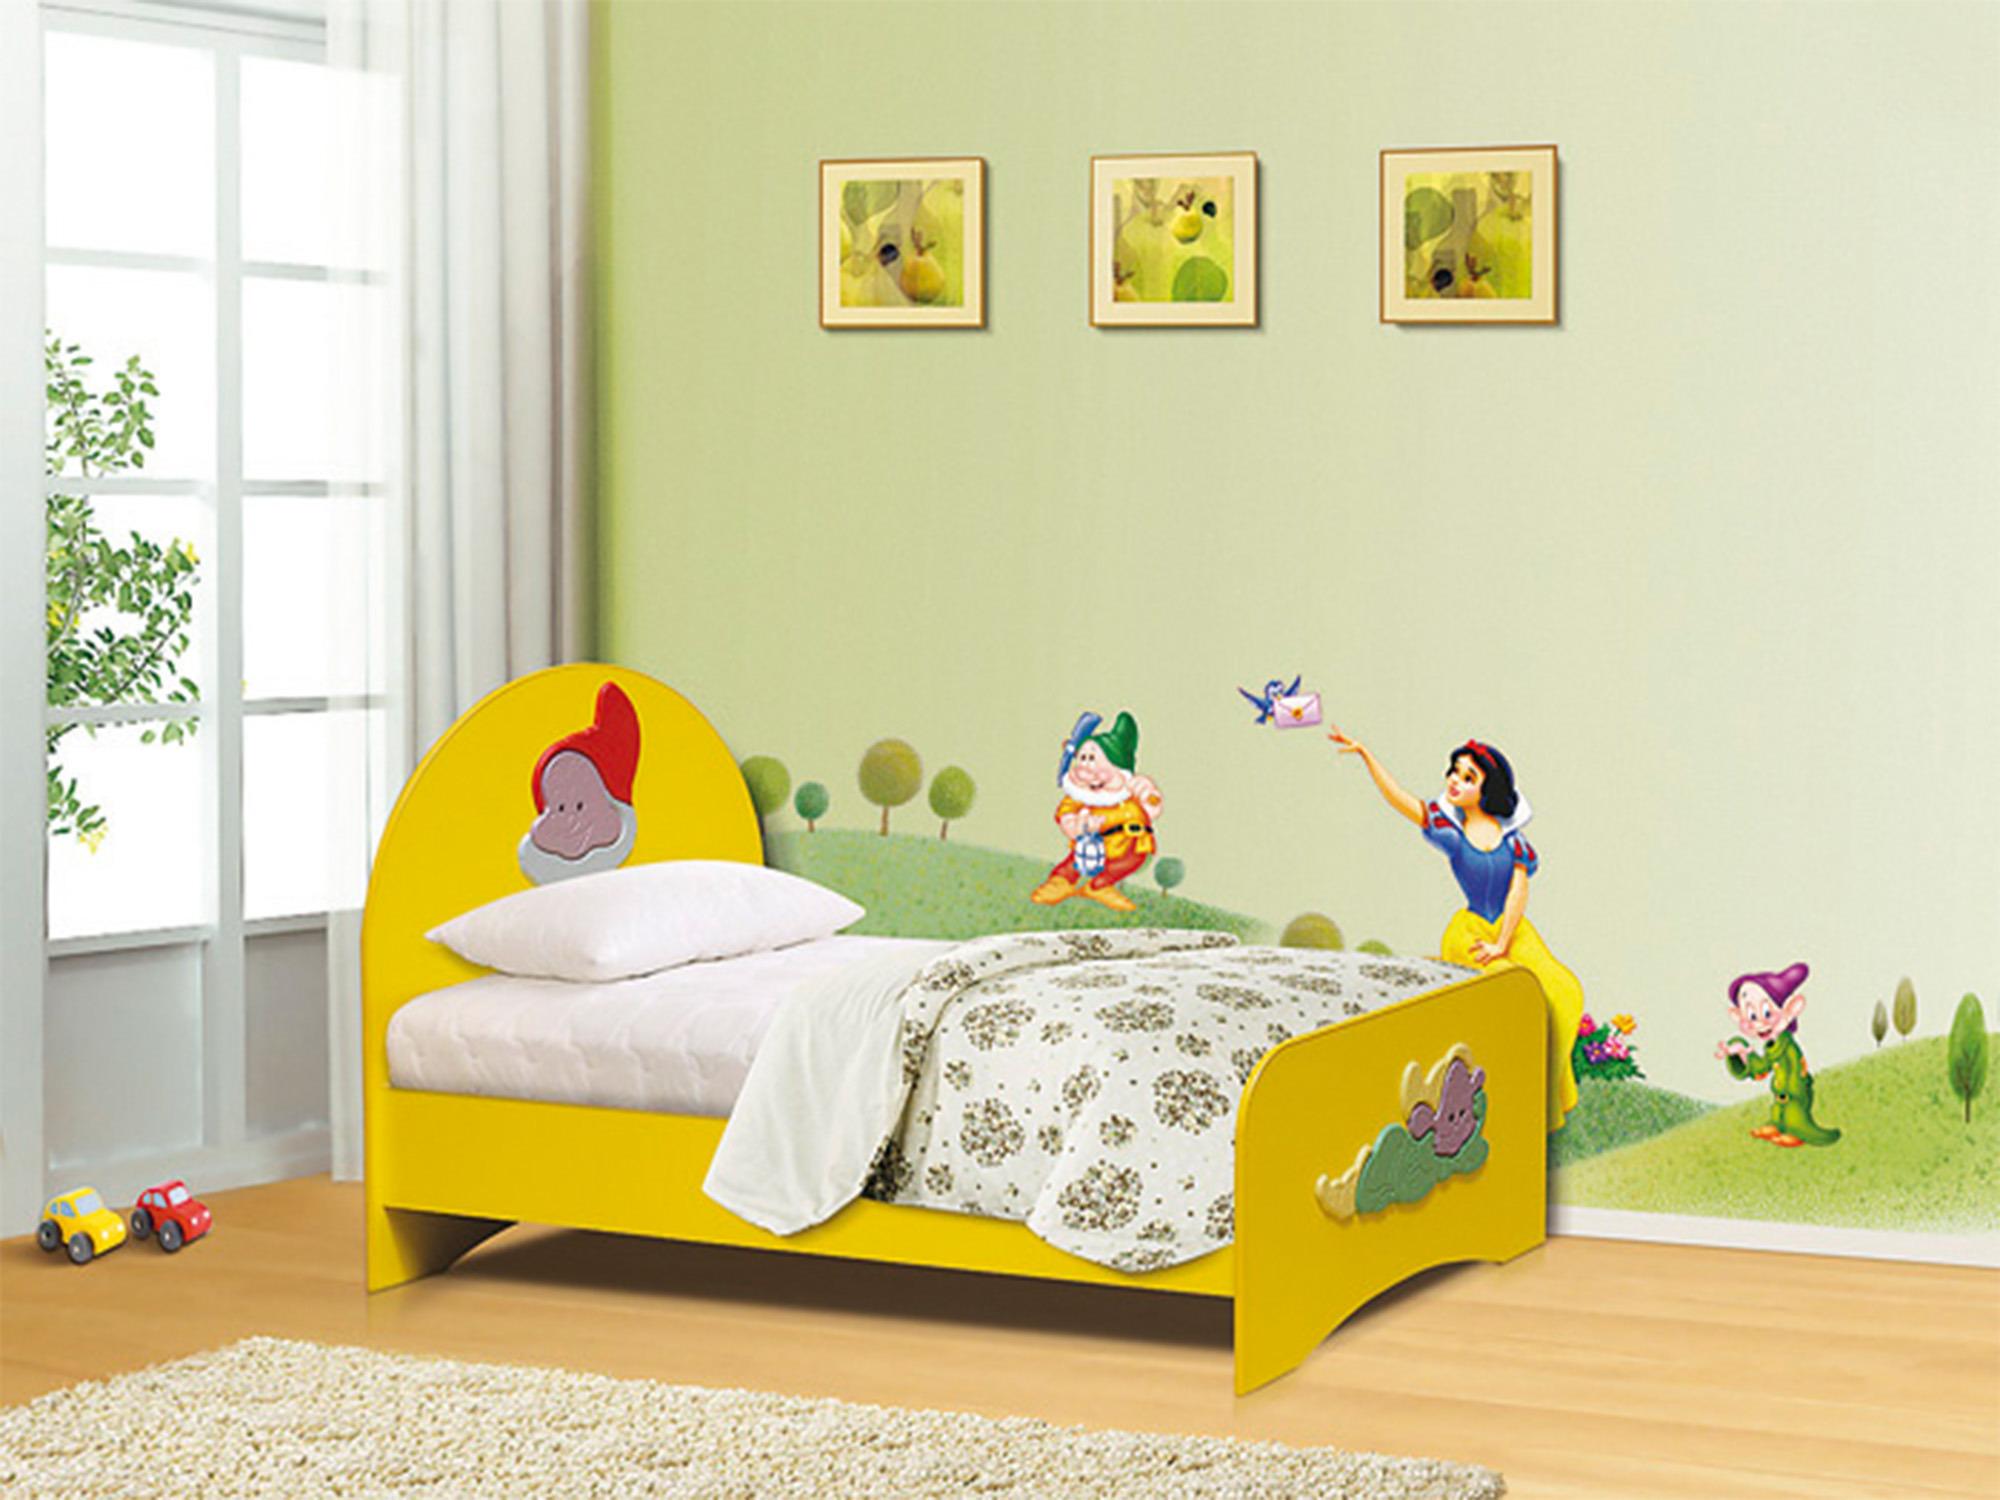 Кровать ГномДетские кровати<br><br><br>Длина мм: 870<br>Высота мм: 900<br>Глубина мм: 1710